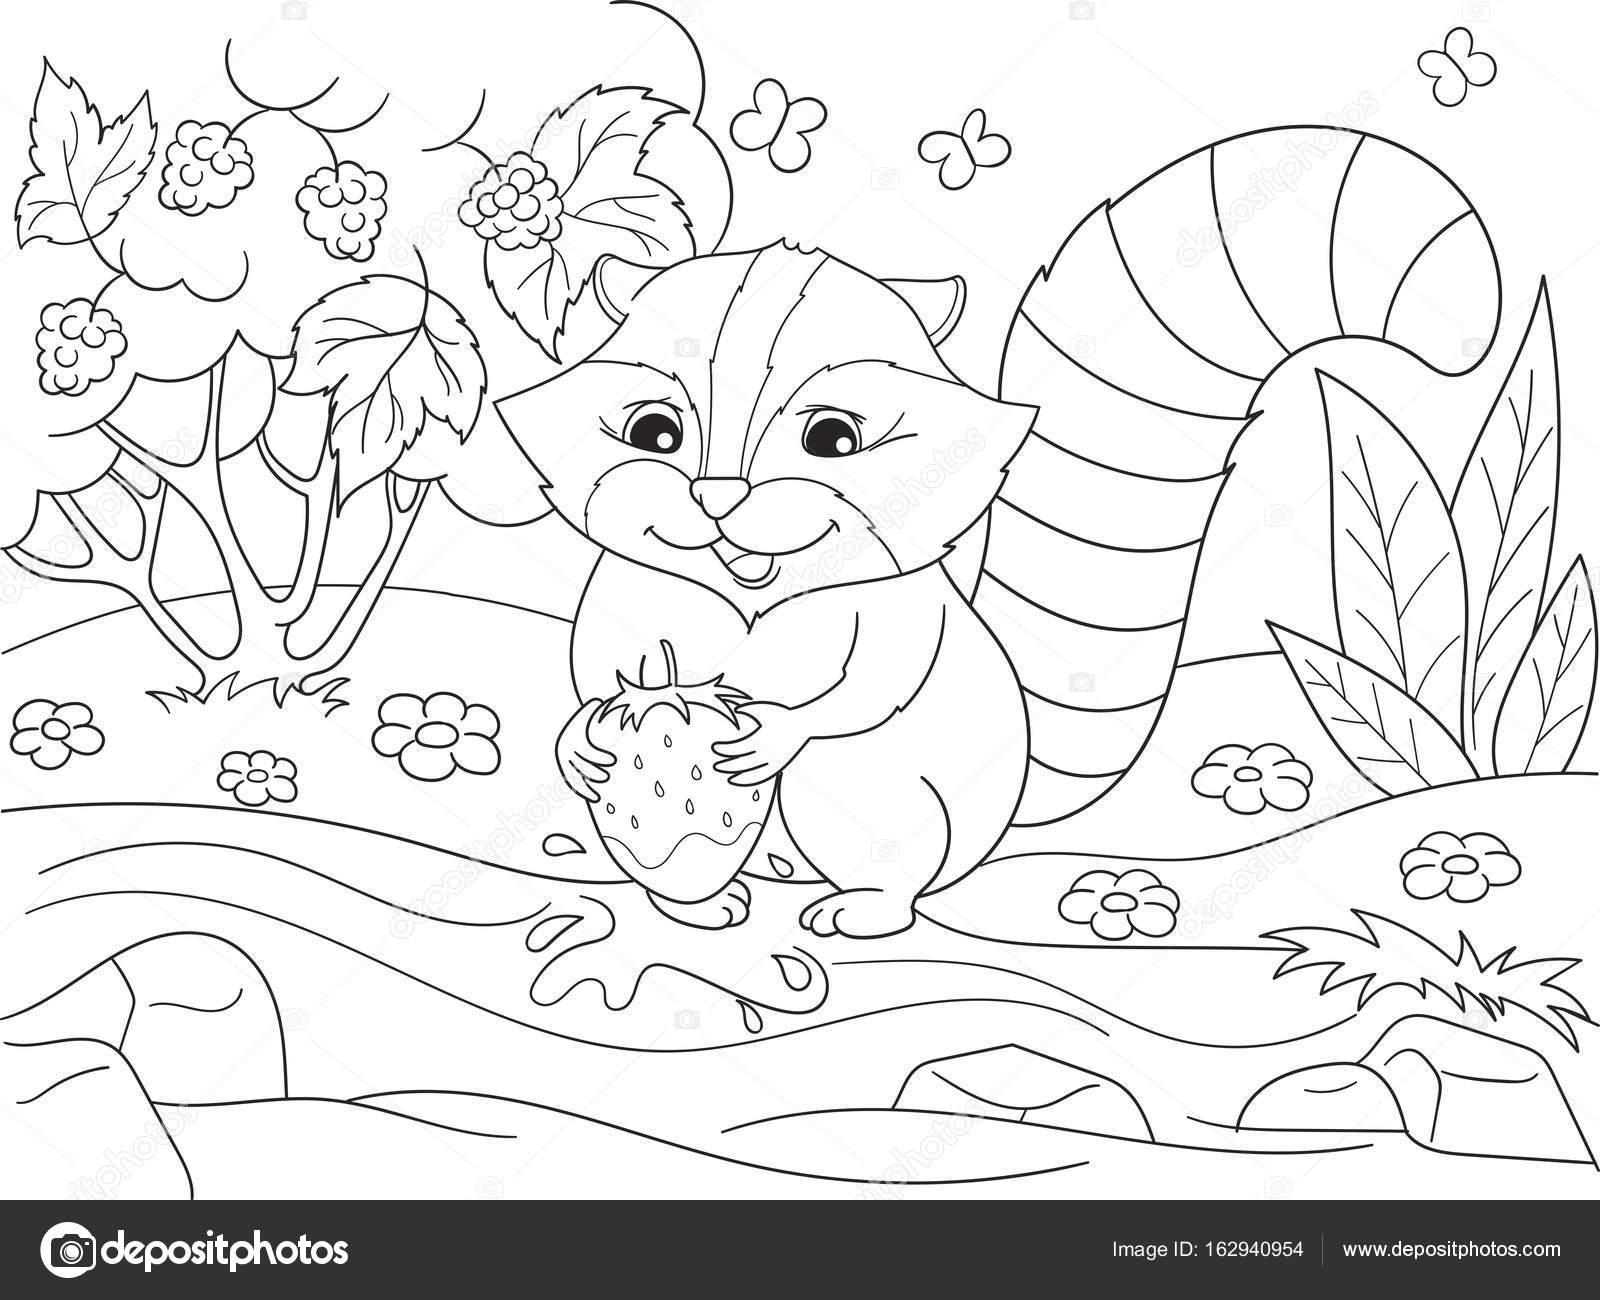 Para colorear dibujos libro naturaleza blanco y negro. Coon y ...